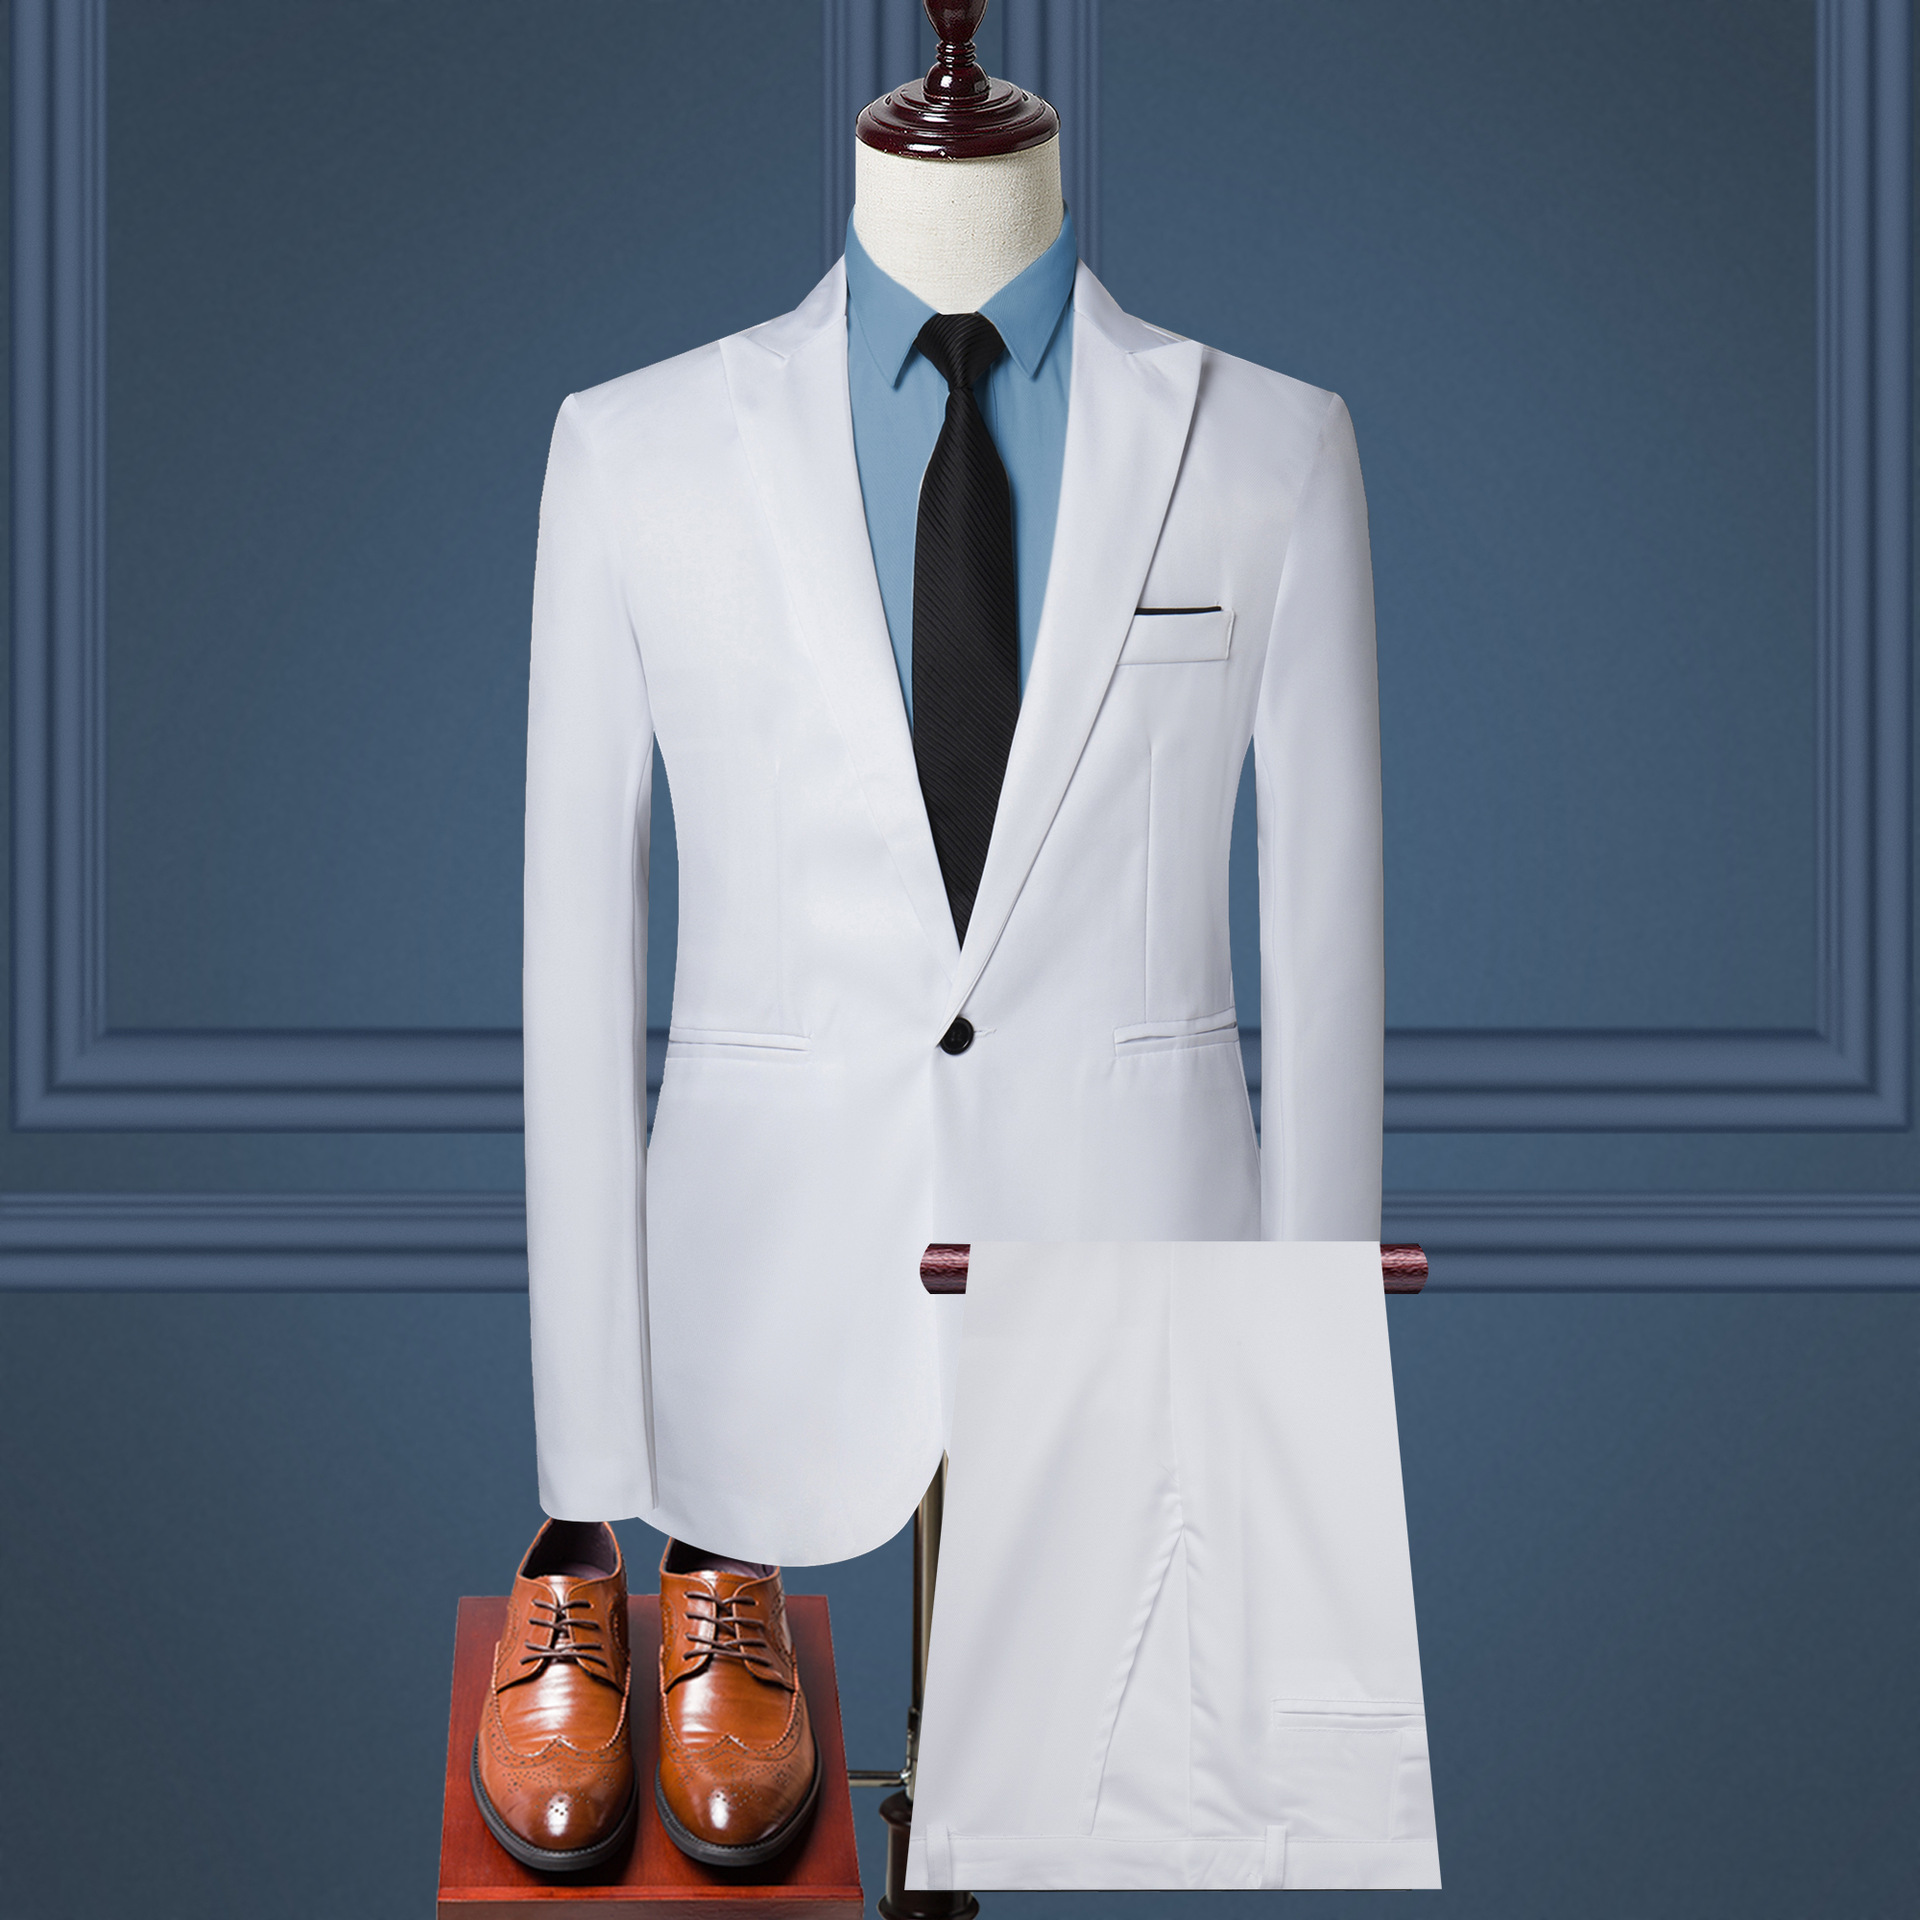 2019 Fashion Business Casual Korean-style MEN'S Suit Set Men Youth Business Suit